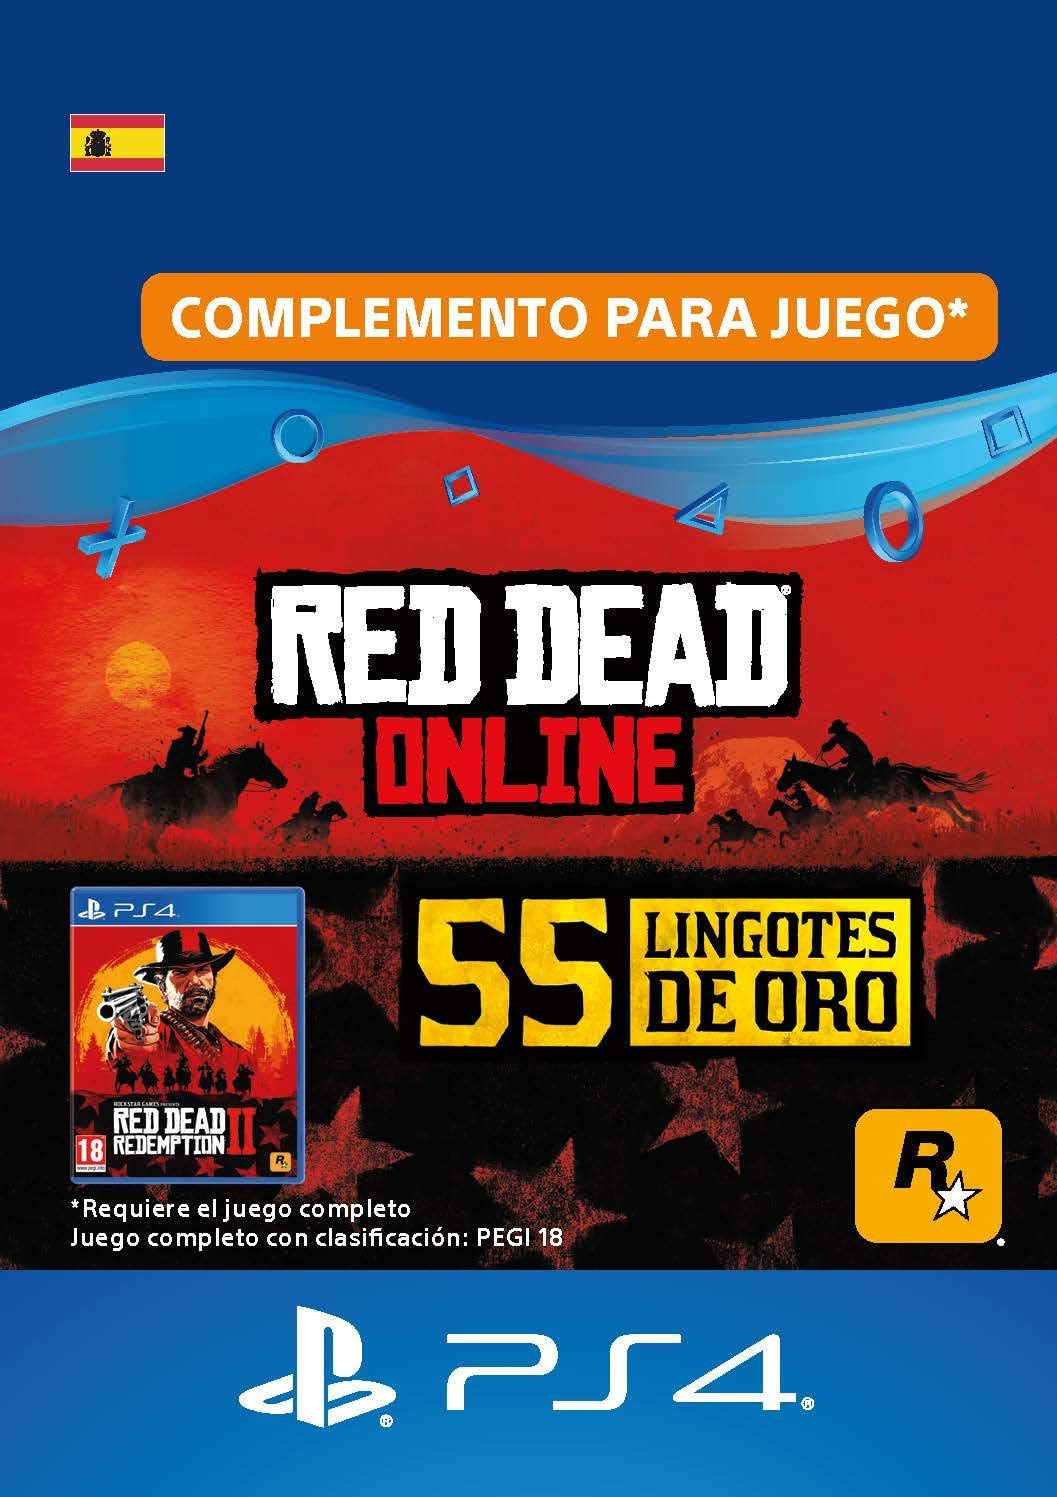 25 lingotes de oro en Red Dead Online - 25 lingotes de oro DLC ...